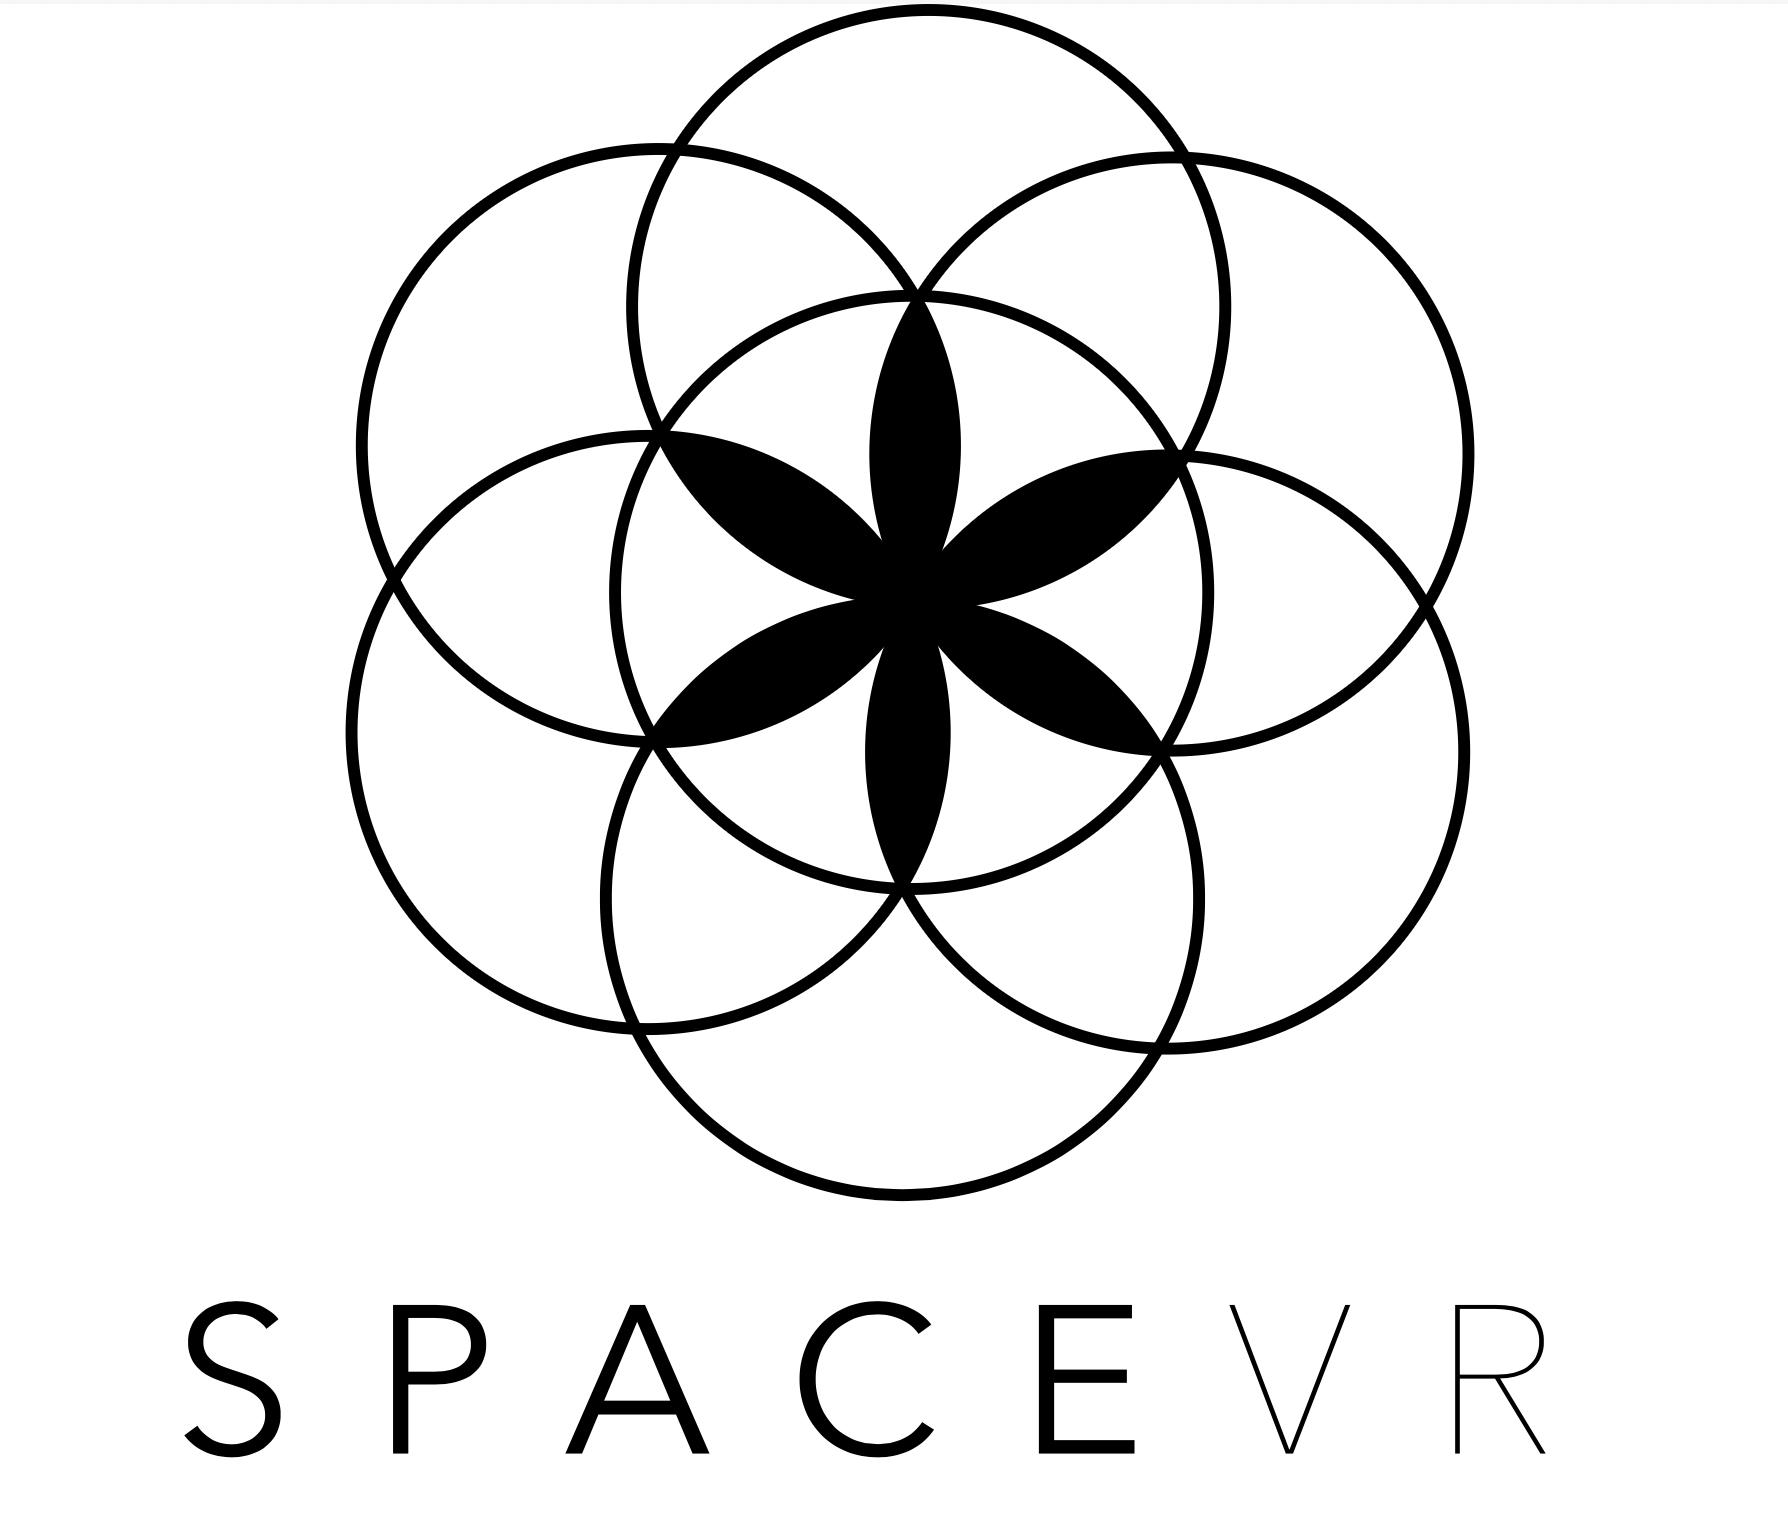 xRS Week 2019 Sponsor - SpaceVR